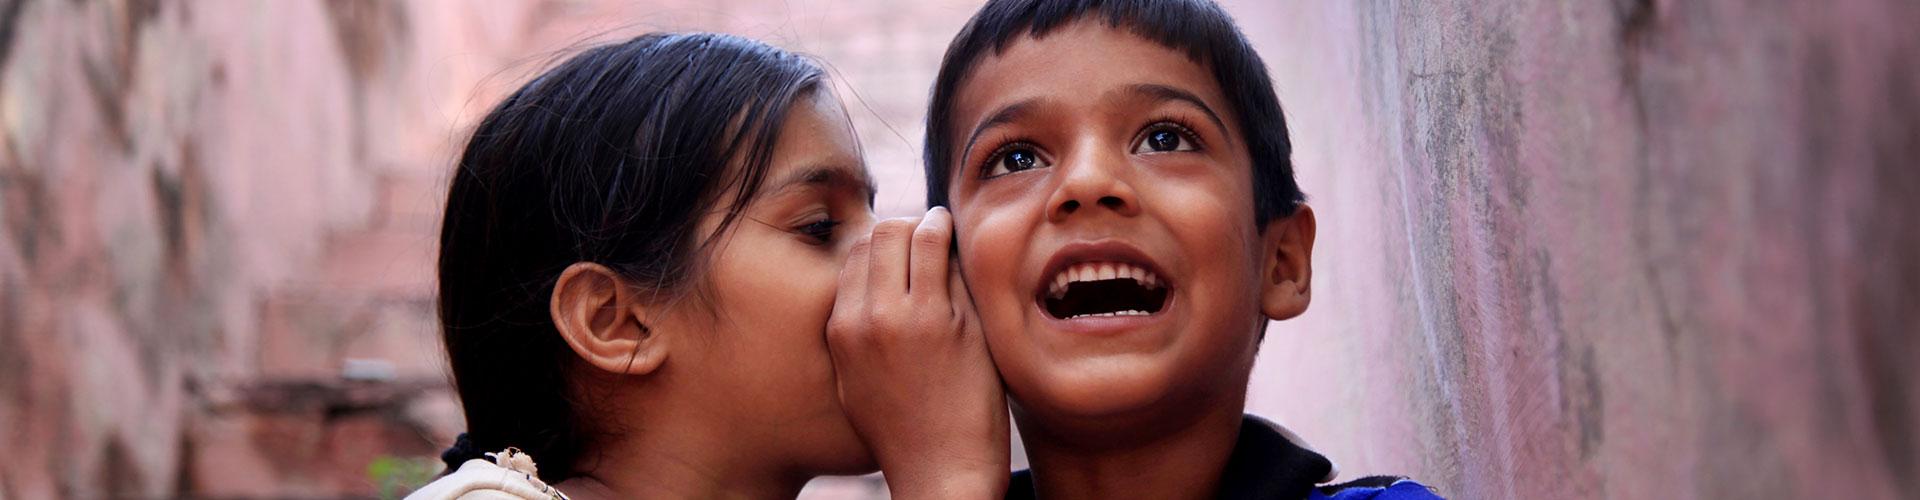 Contact MED-EL India